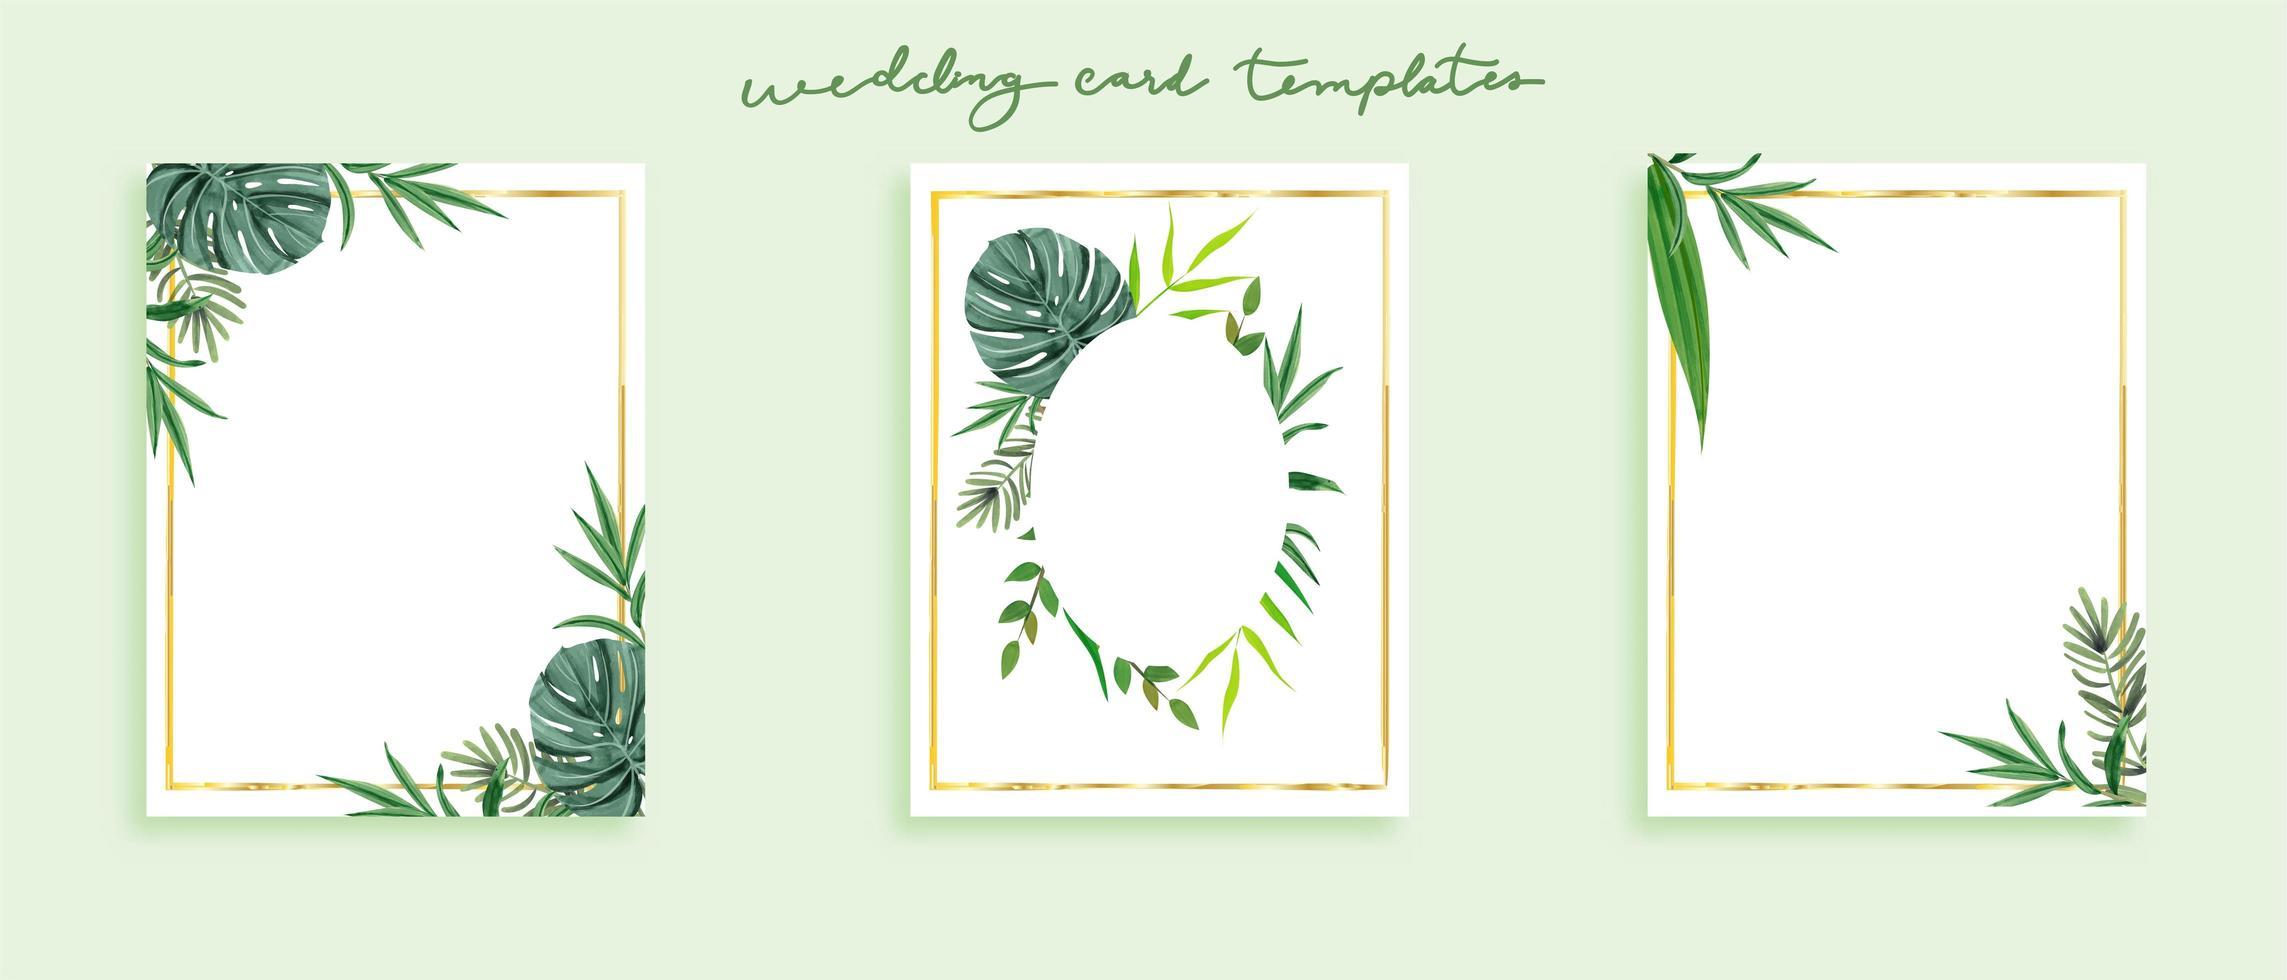 Hermoso conjunto de plantillas de tarjetas de boda hojas silvestres en tema verde vector